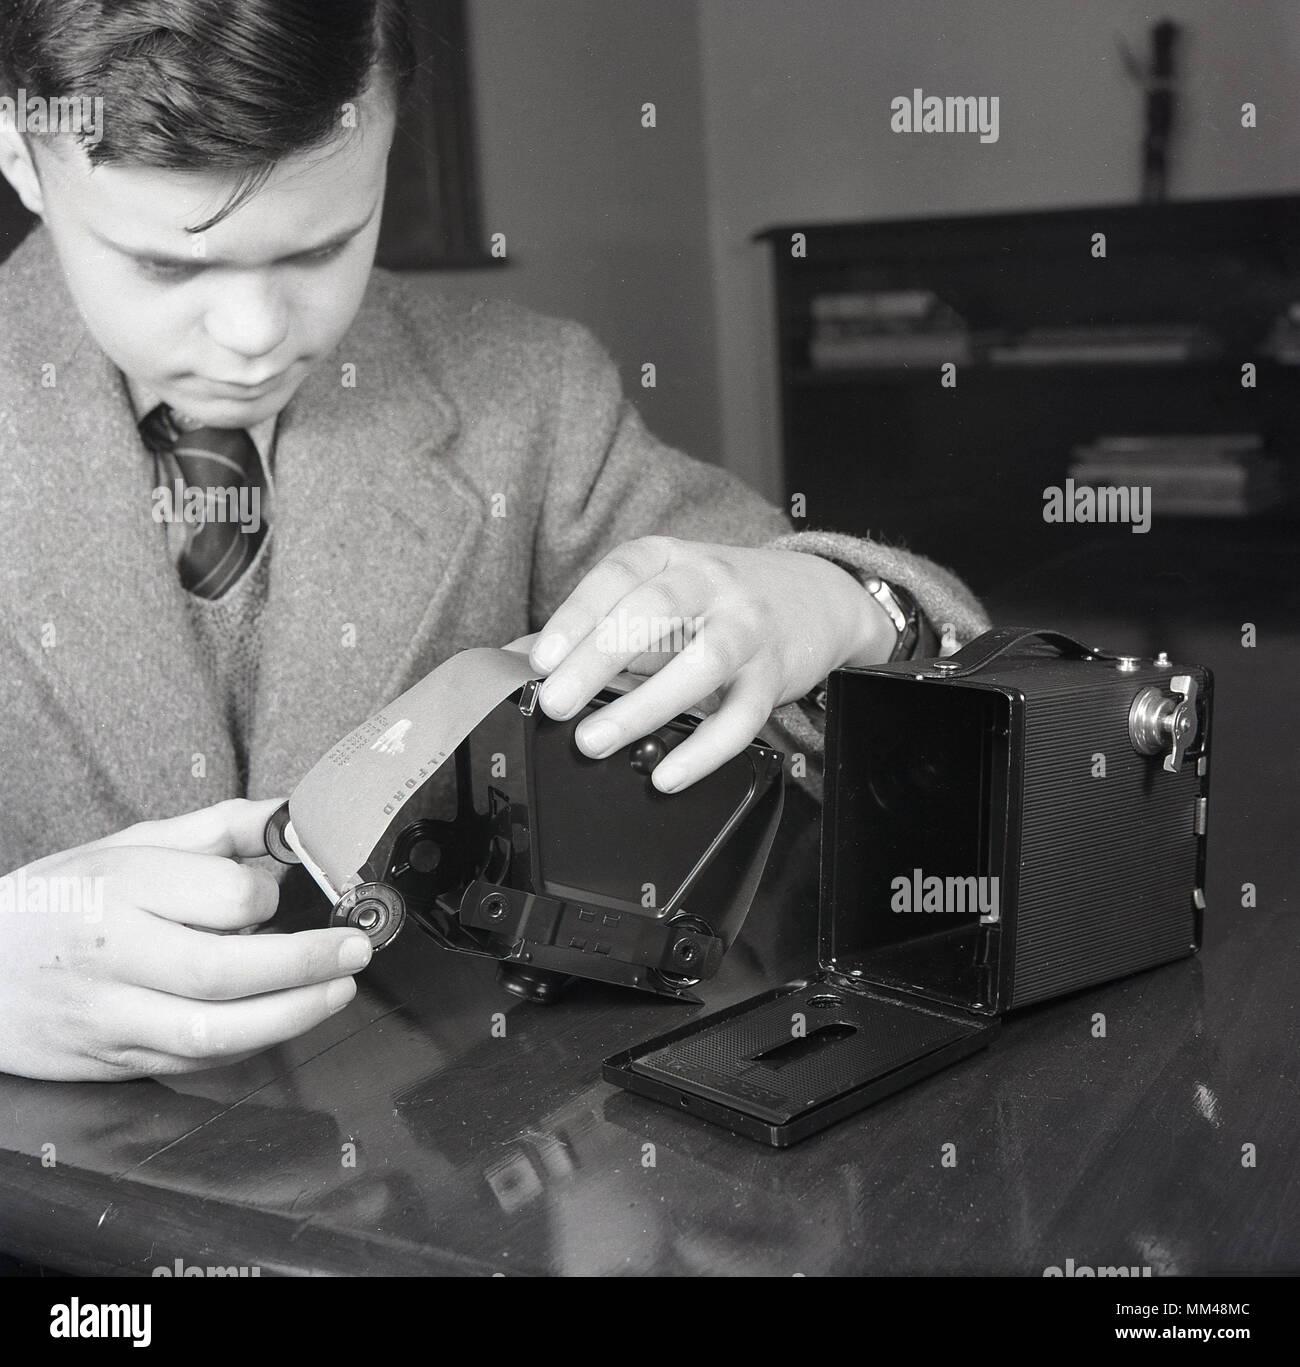 Degli anni Cinquanta, storico, giovane scolaro mettendo 127 rotolo pellicola in un Brownie Kodak fotocamera a pellicola. Semplice e poco costoso, questo è stato uno dei più importanti telecamere nella storia che ha portato il concetto di 'istantanea' per il mercato di massa ed è stato particolarmente popolare con i bambini Immagini Stock